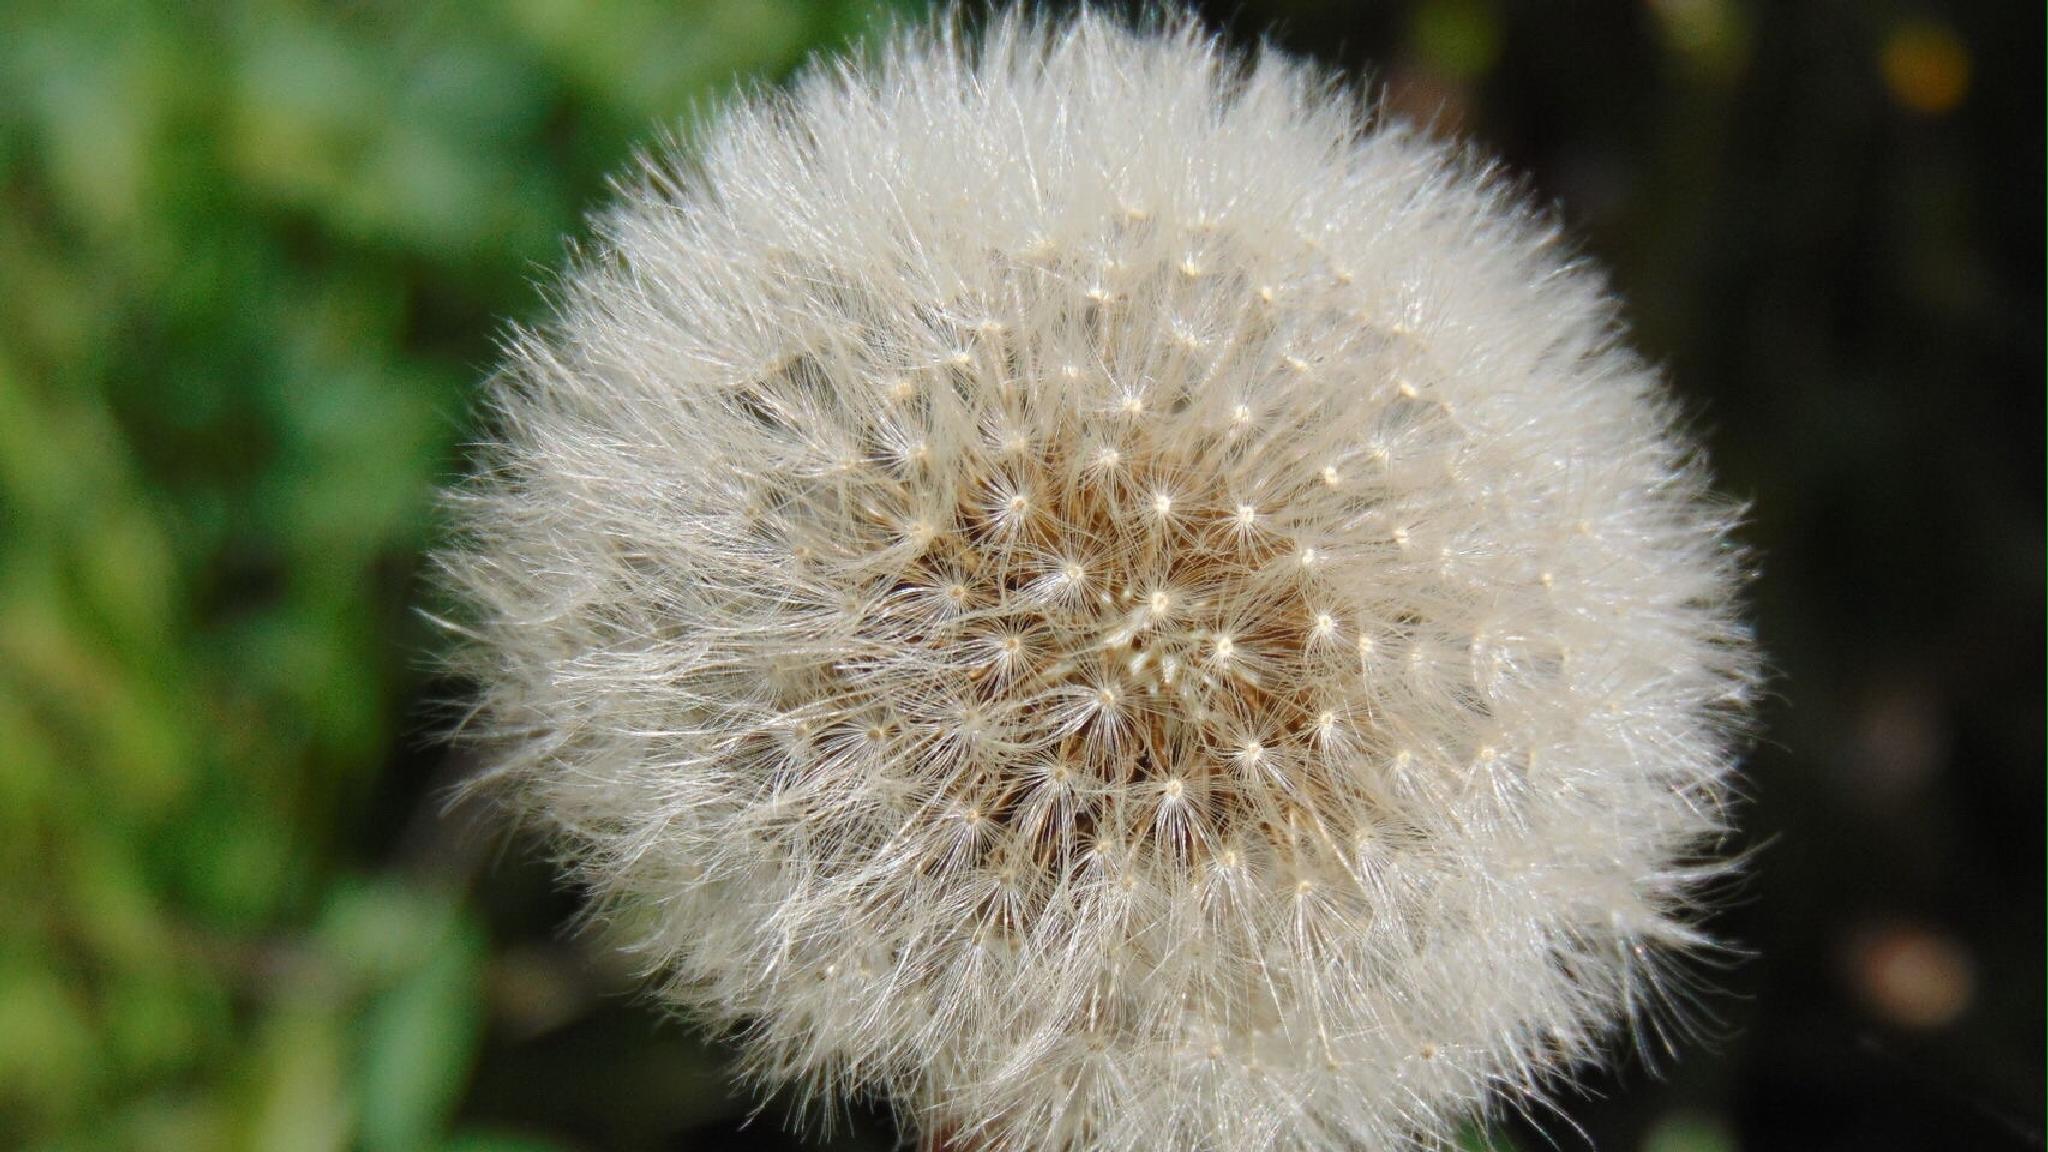 Dandelion in full seed by shaunarwhitaker